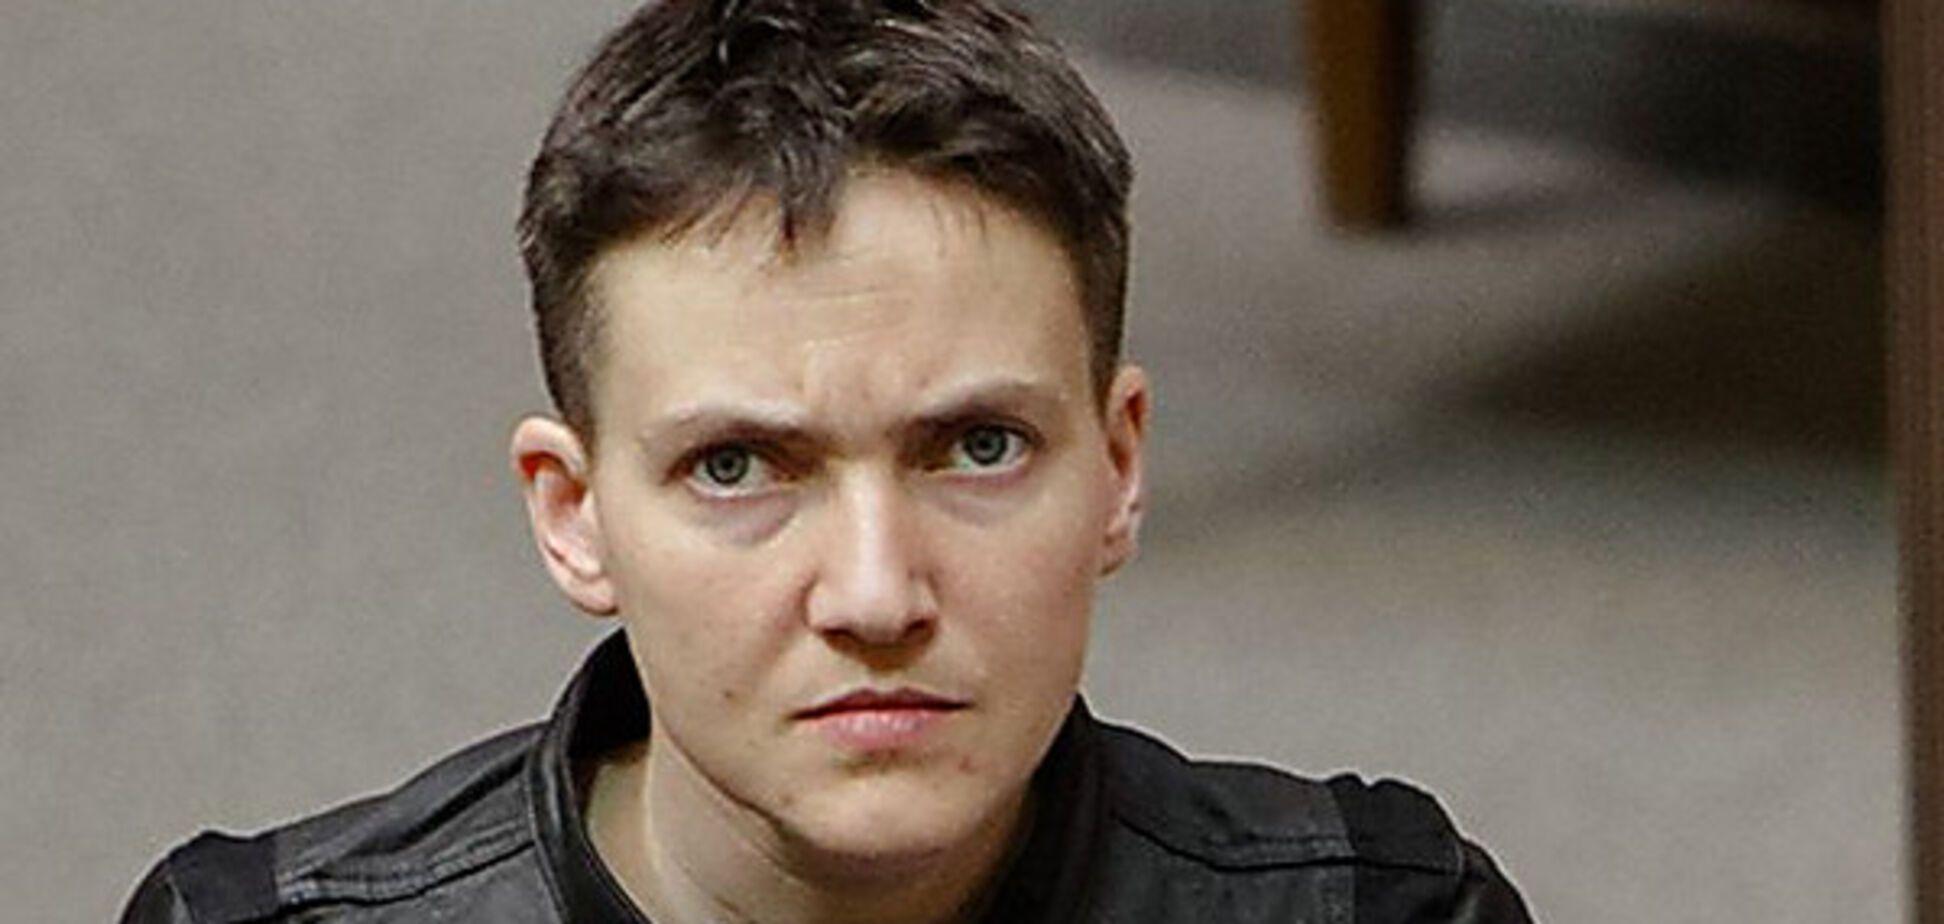 Савченко не скоро повернеться в Україну: Медведєв дав прогноз